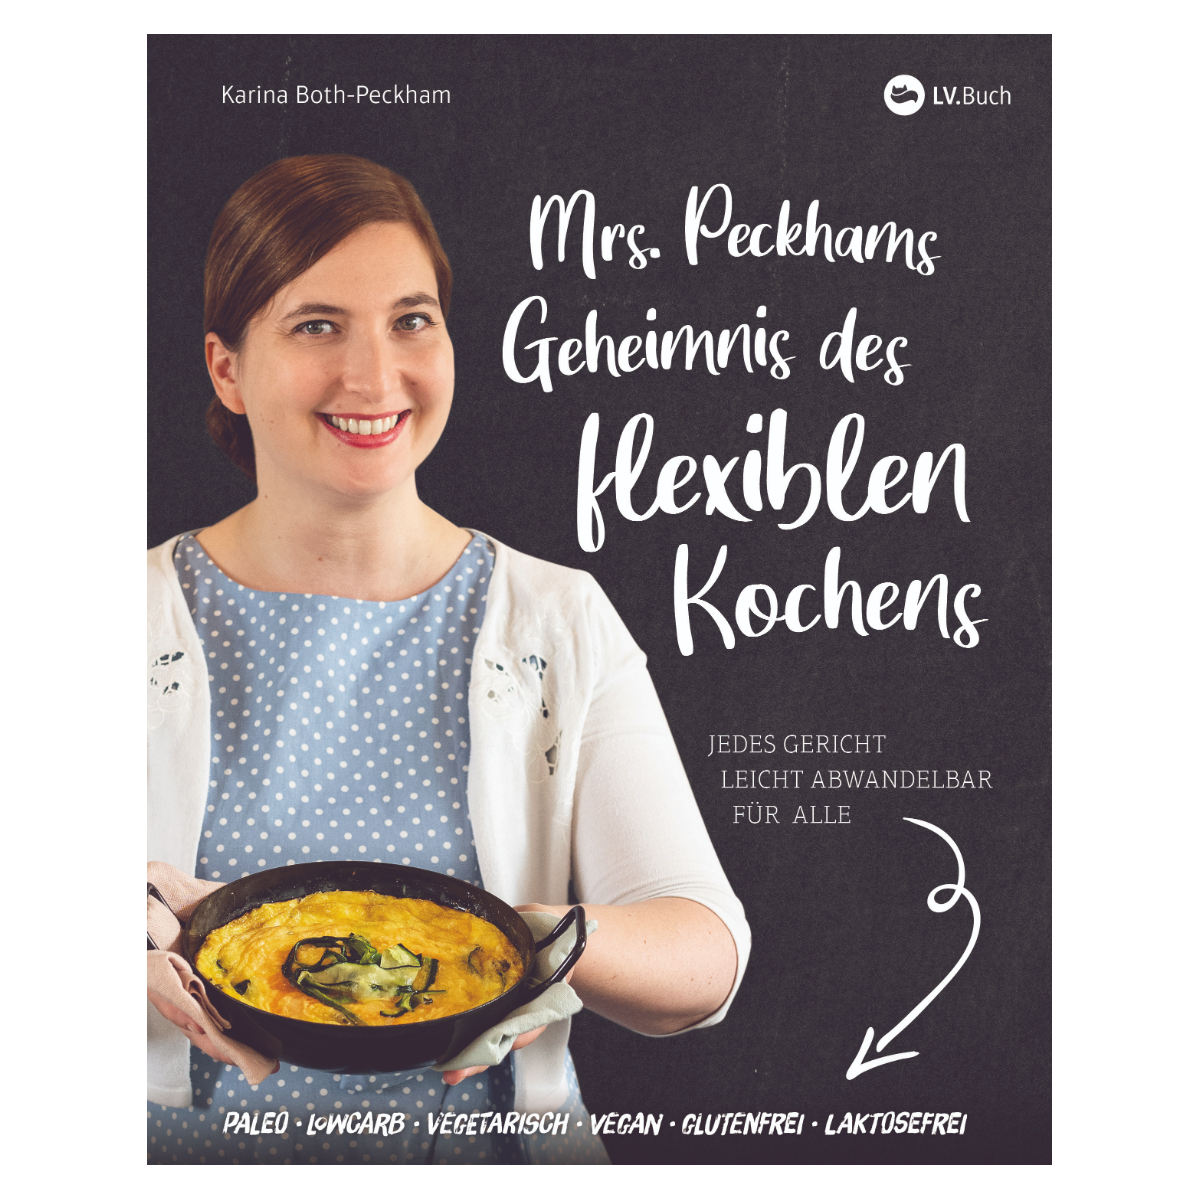 mrs_peckham_geheimnisse_des_flexiblen_kochens